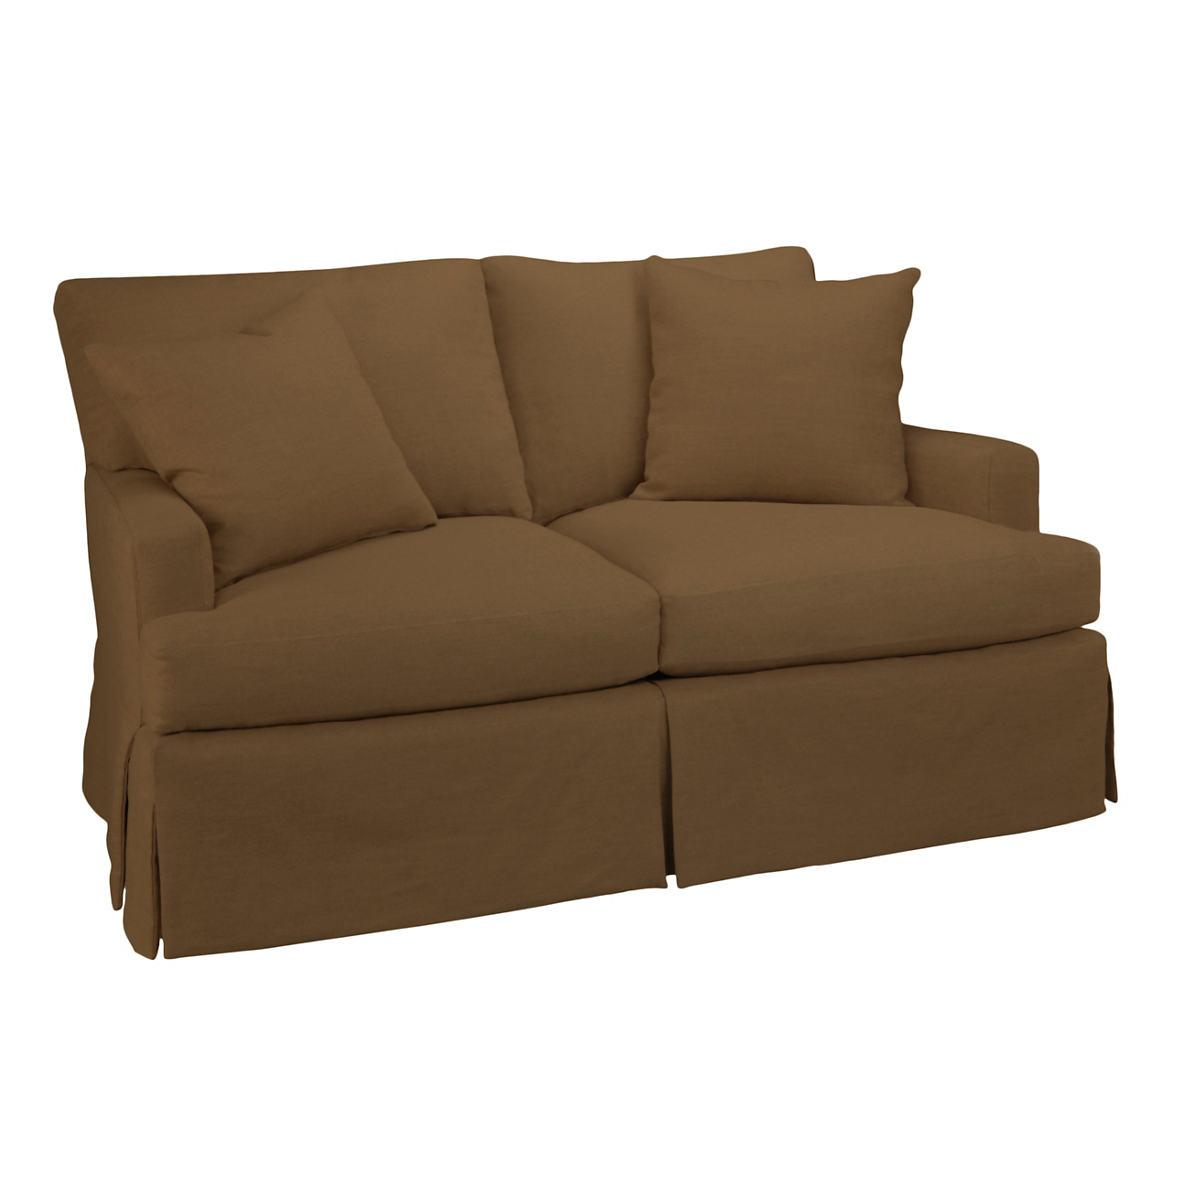 Velvesuede Camel Saybrook 2 Seater Upholstered Sofa